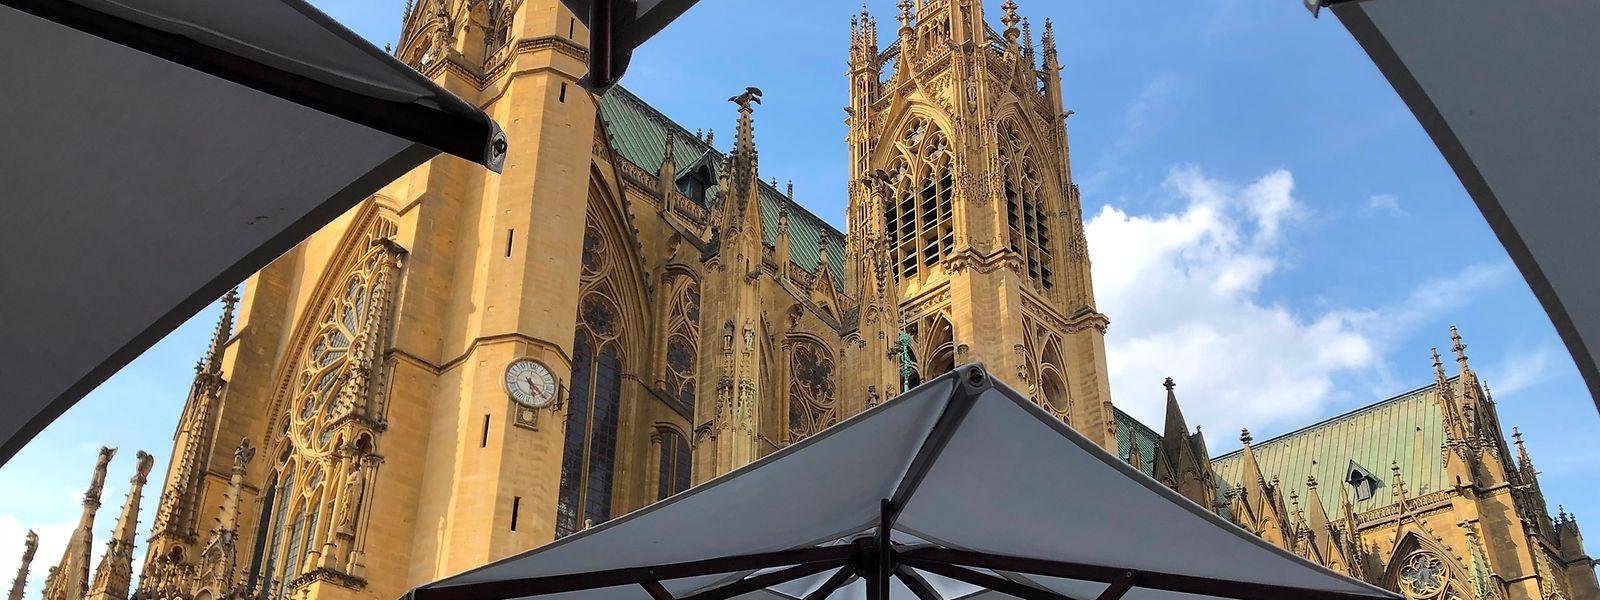 La cathédrale Saint-Etienne de Metz fêtera en 2020 son 800e anniversaire.